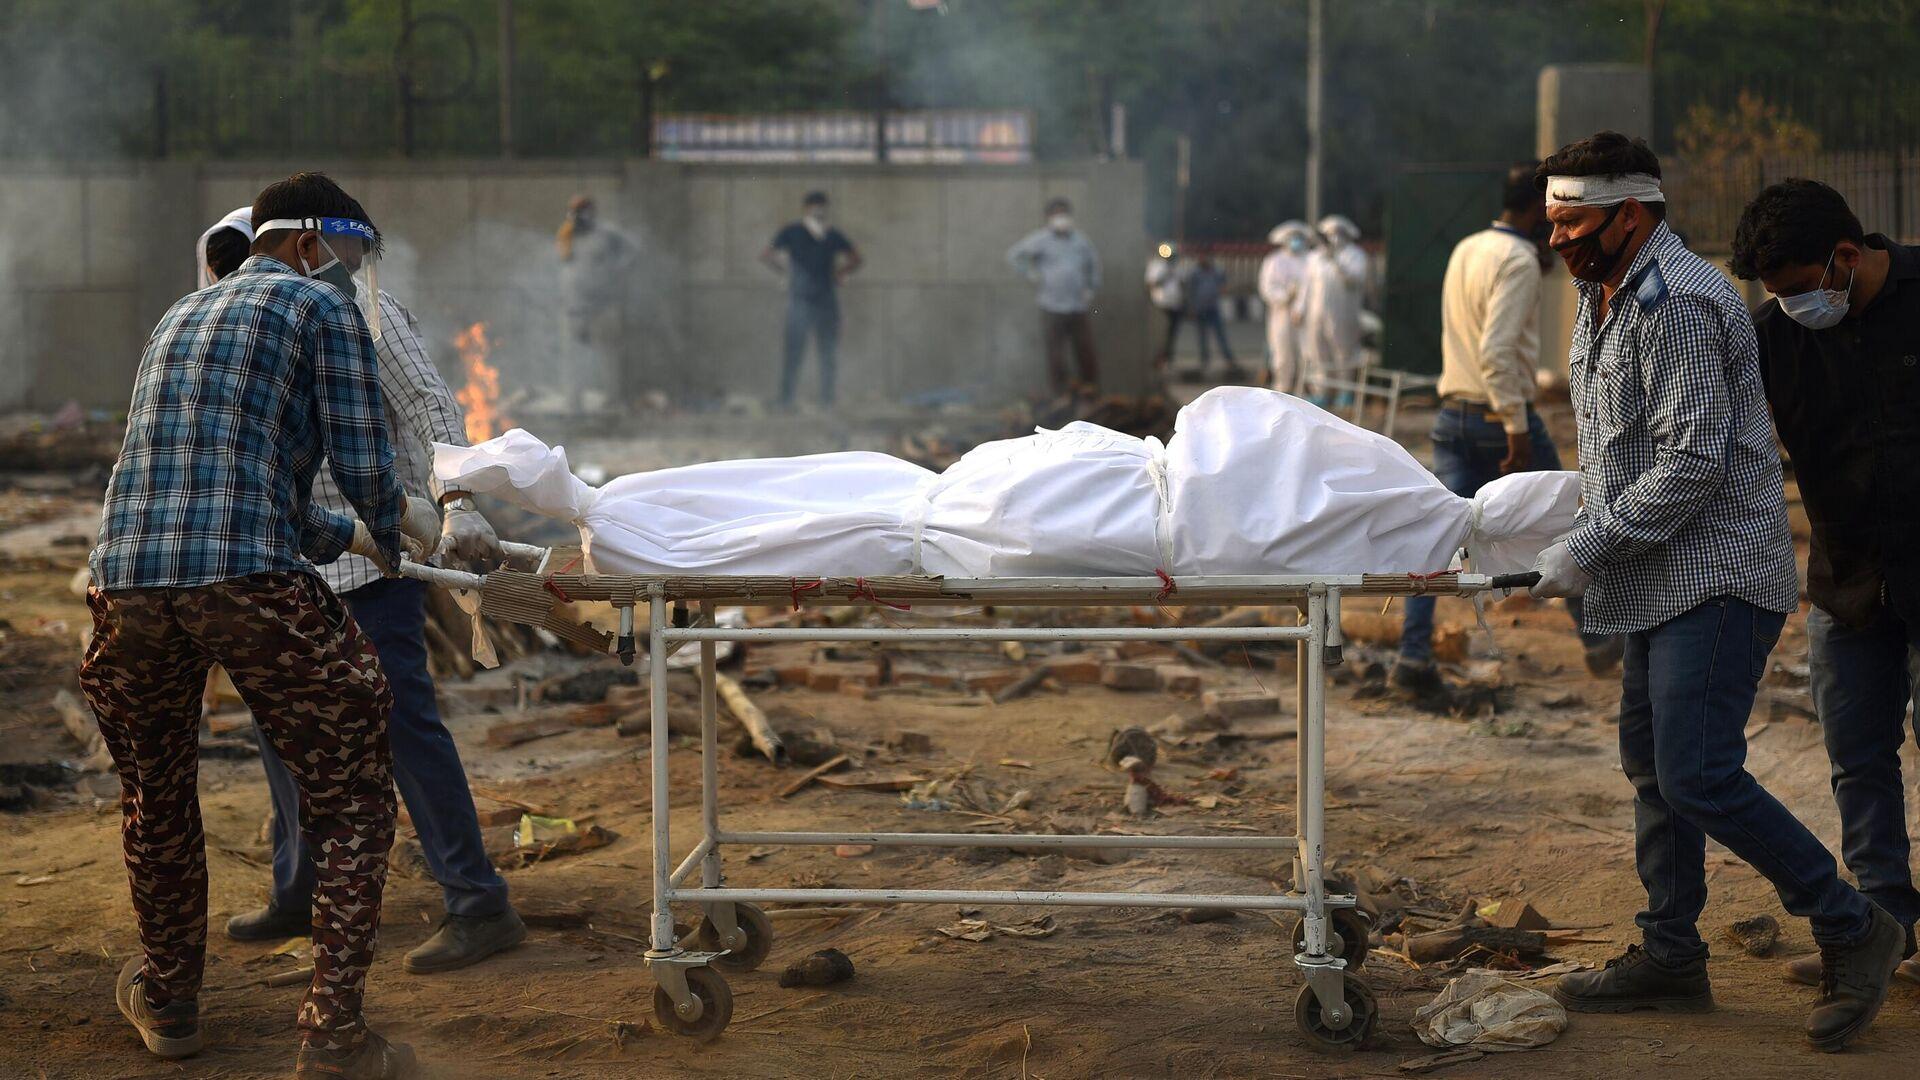 Подготовка тела погибшего к кремации жертв пандемии в Дели - РИА Новости, 1920, 12.05.2021